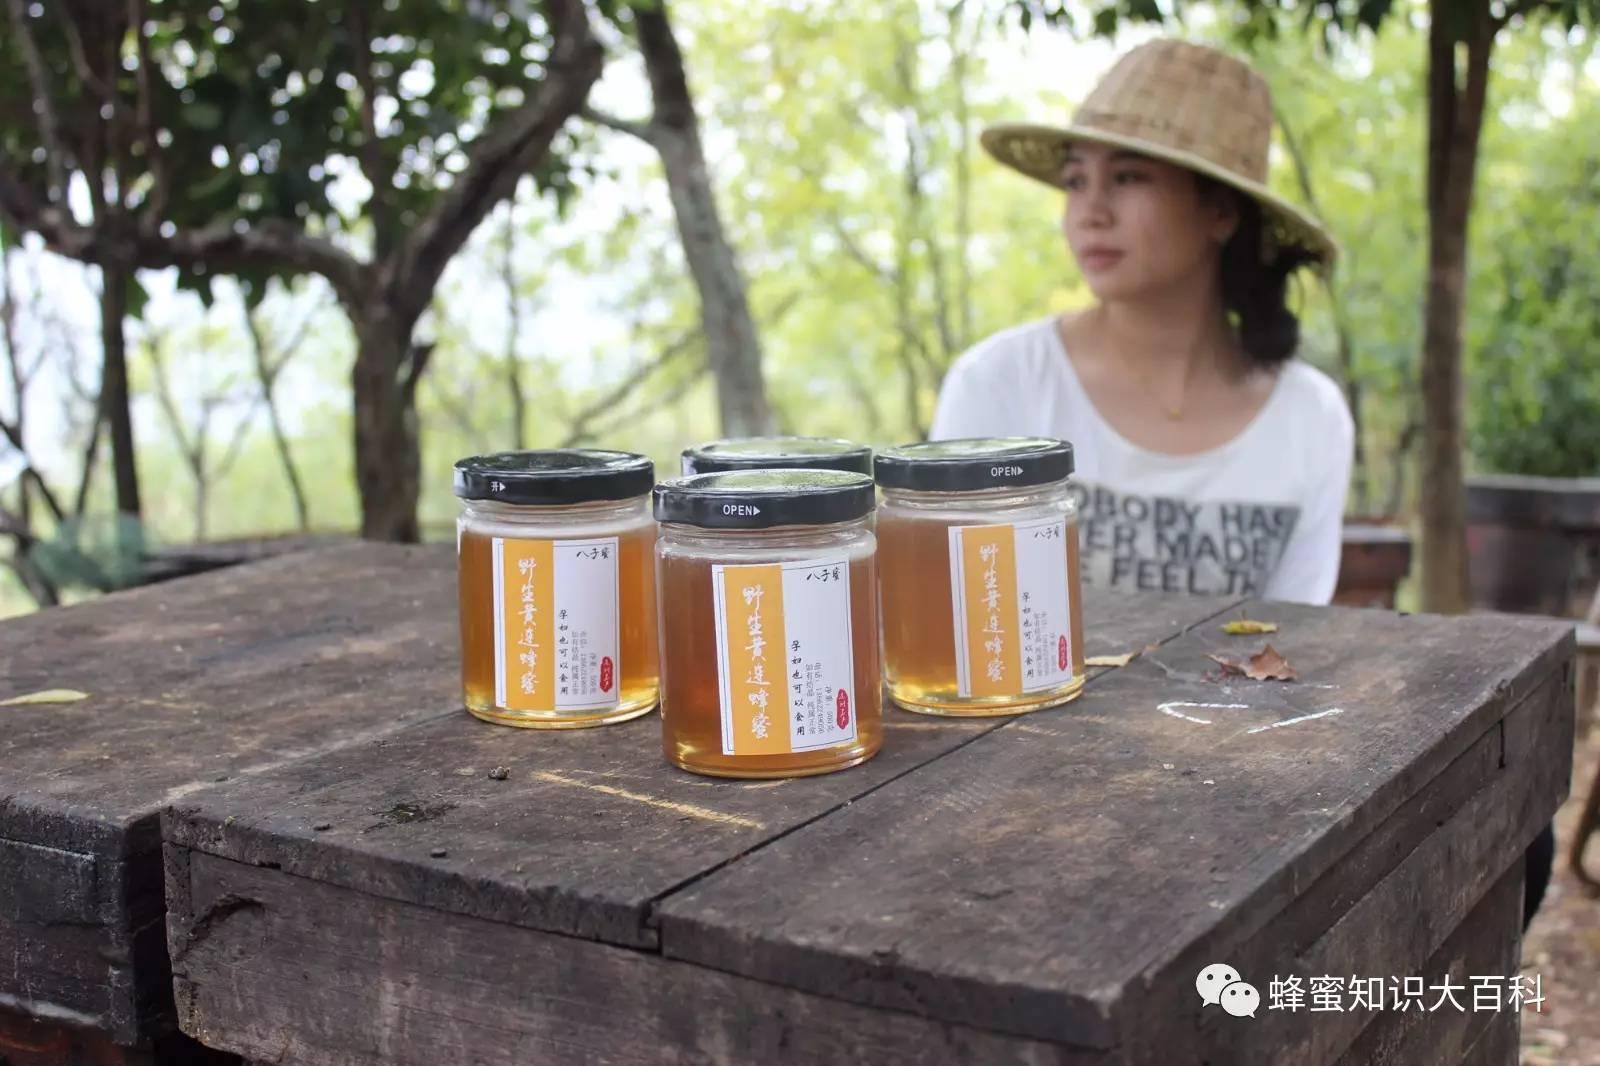 木瓜蜂蜜奶昔 密山蜂蜜山 蜂蜜祛斑么 野地蜂蜜的功效 蜂蜜吃法